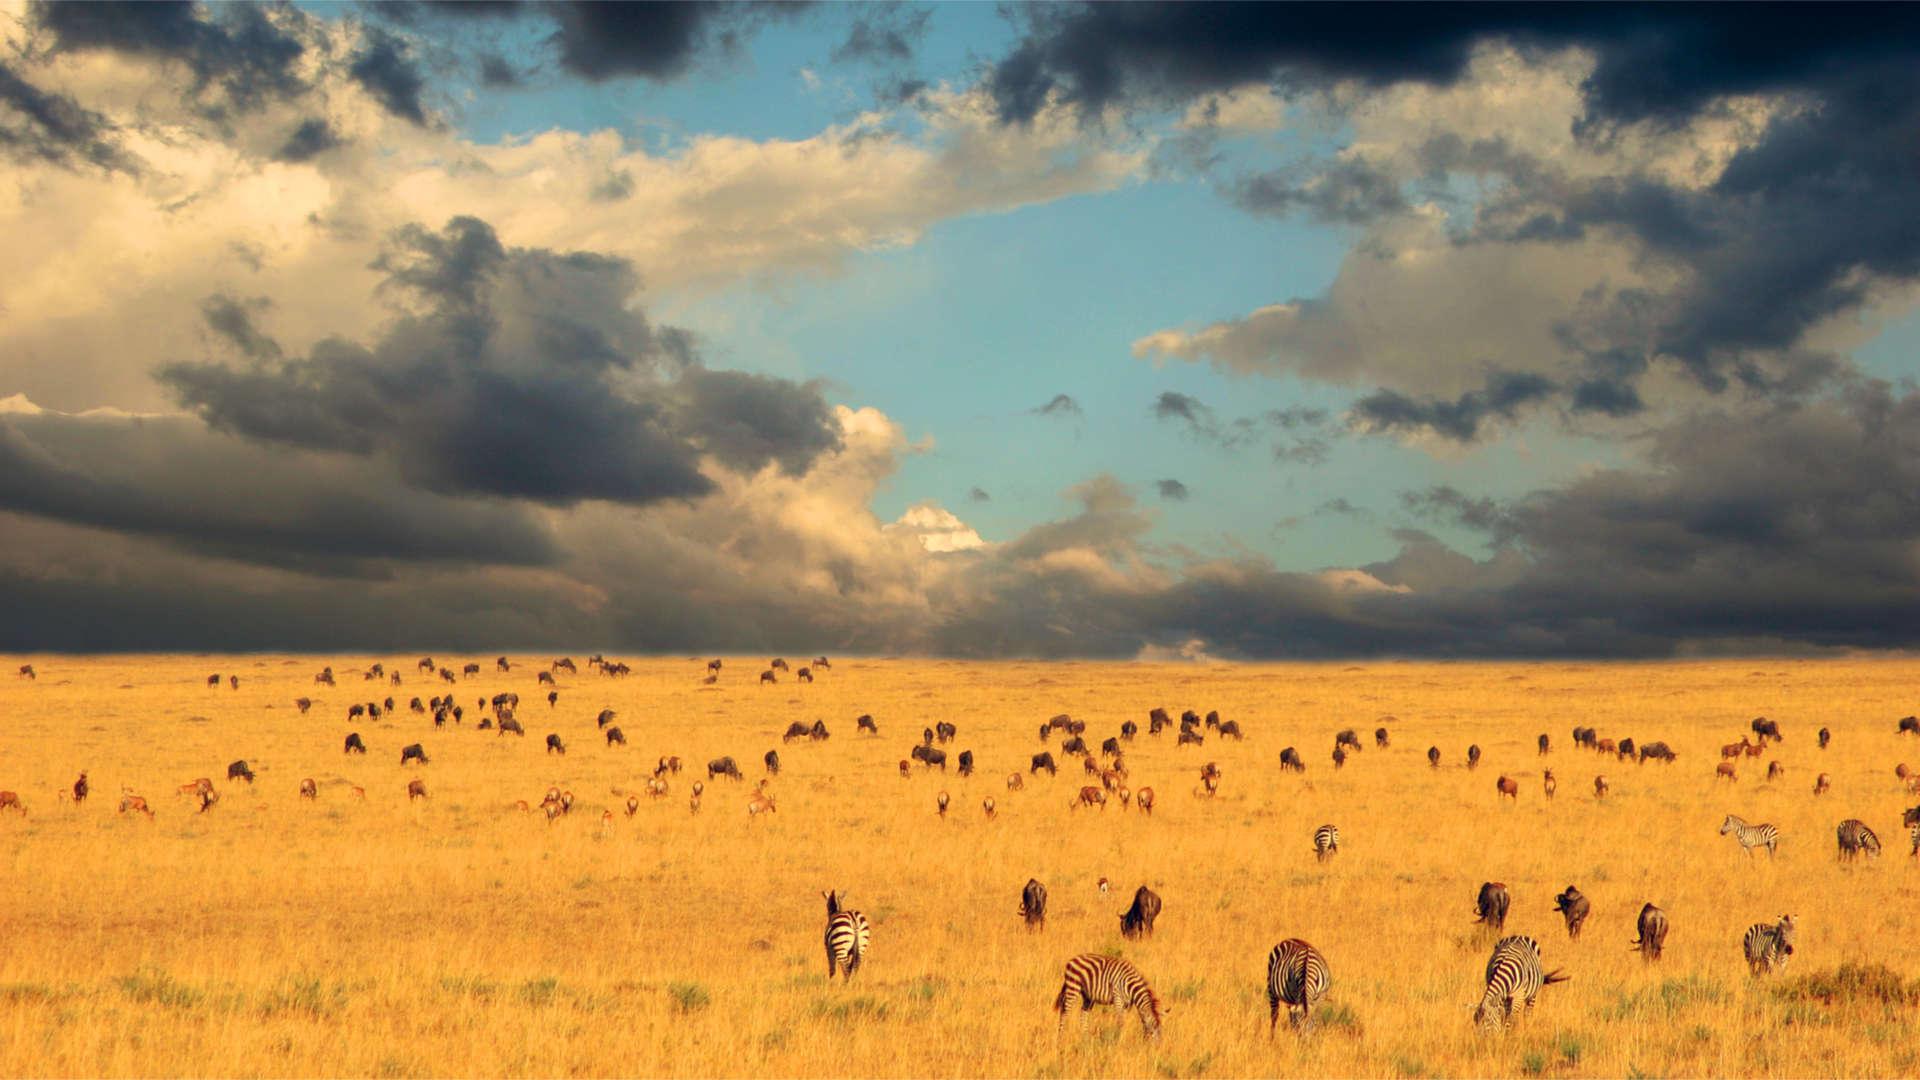 Afrika | Kenya | ©Larimer Images/Shutterstock.com